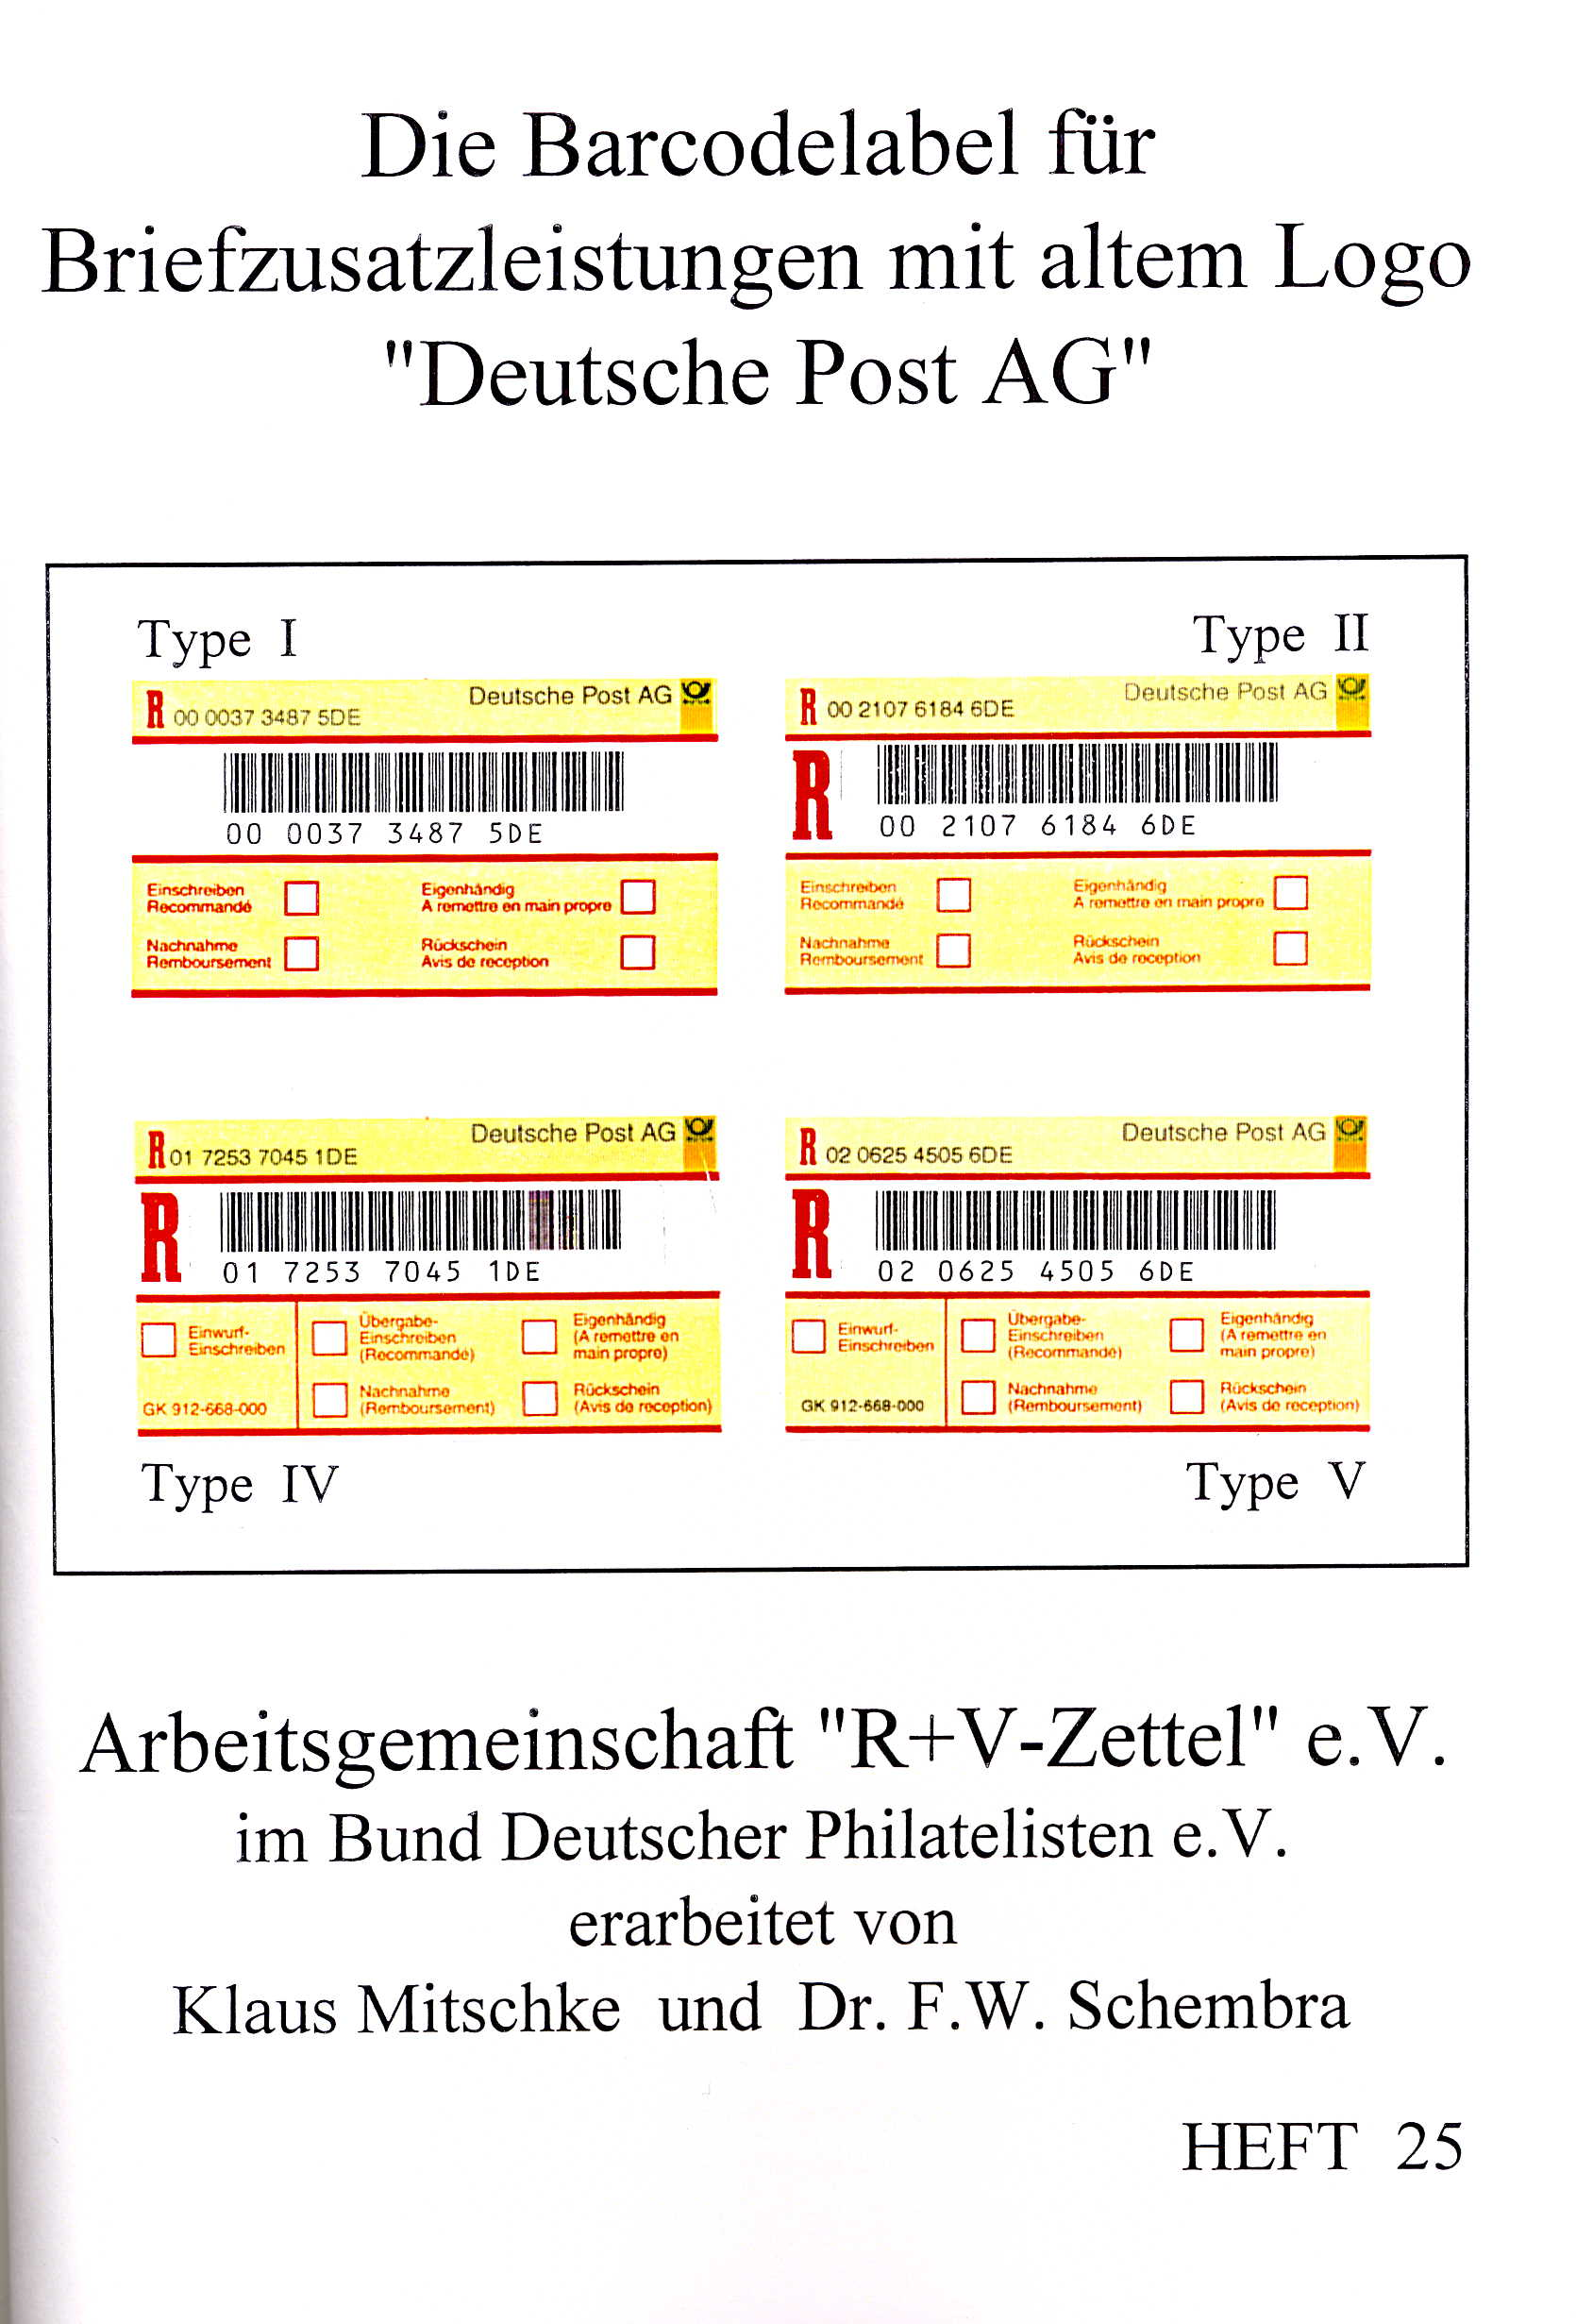 Mitschke/Schembra Katalog Die Barcodelabel für Briefzusatzleistu